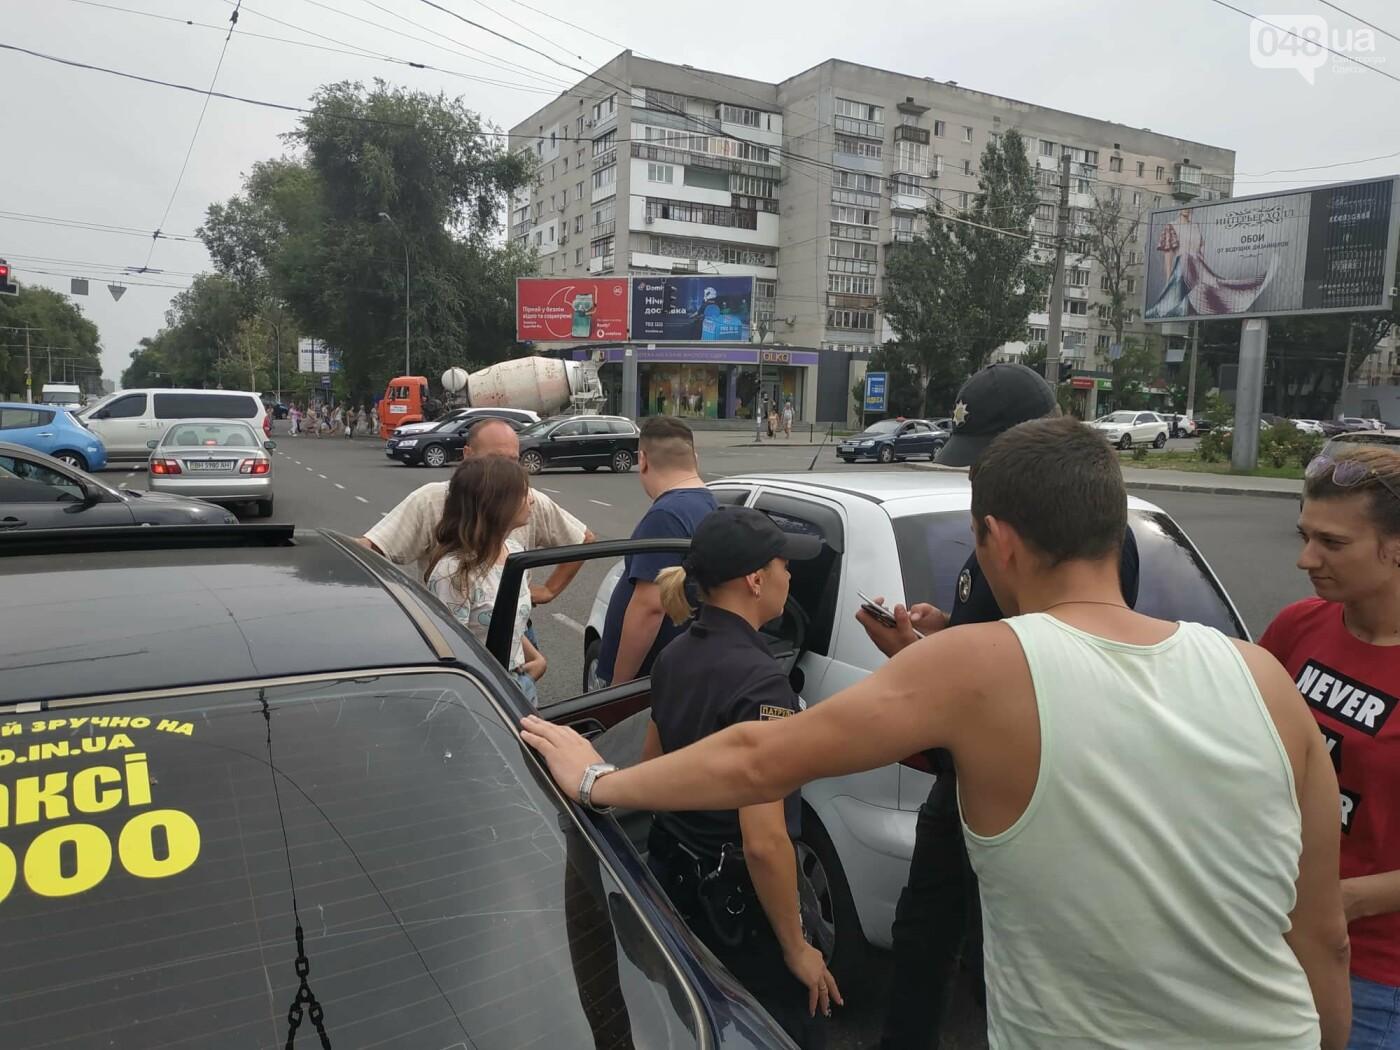 """Пассажир, """"выпрыгнувший"""" посреди дороги в Одессе: стали известны подробности ДТП, - ФОТО, фото-5"""